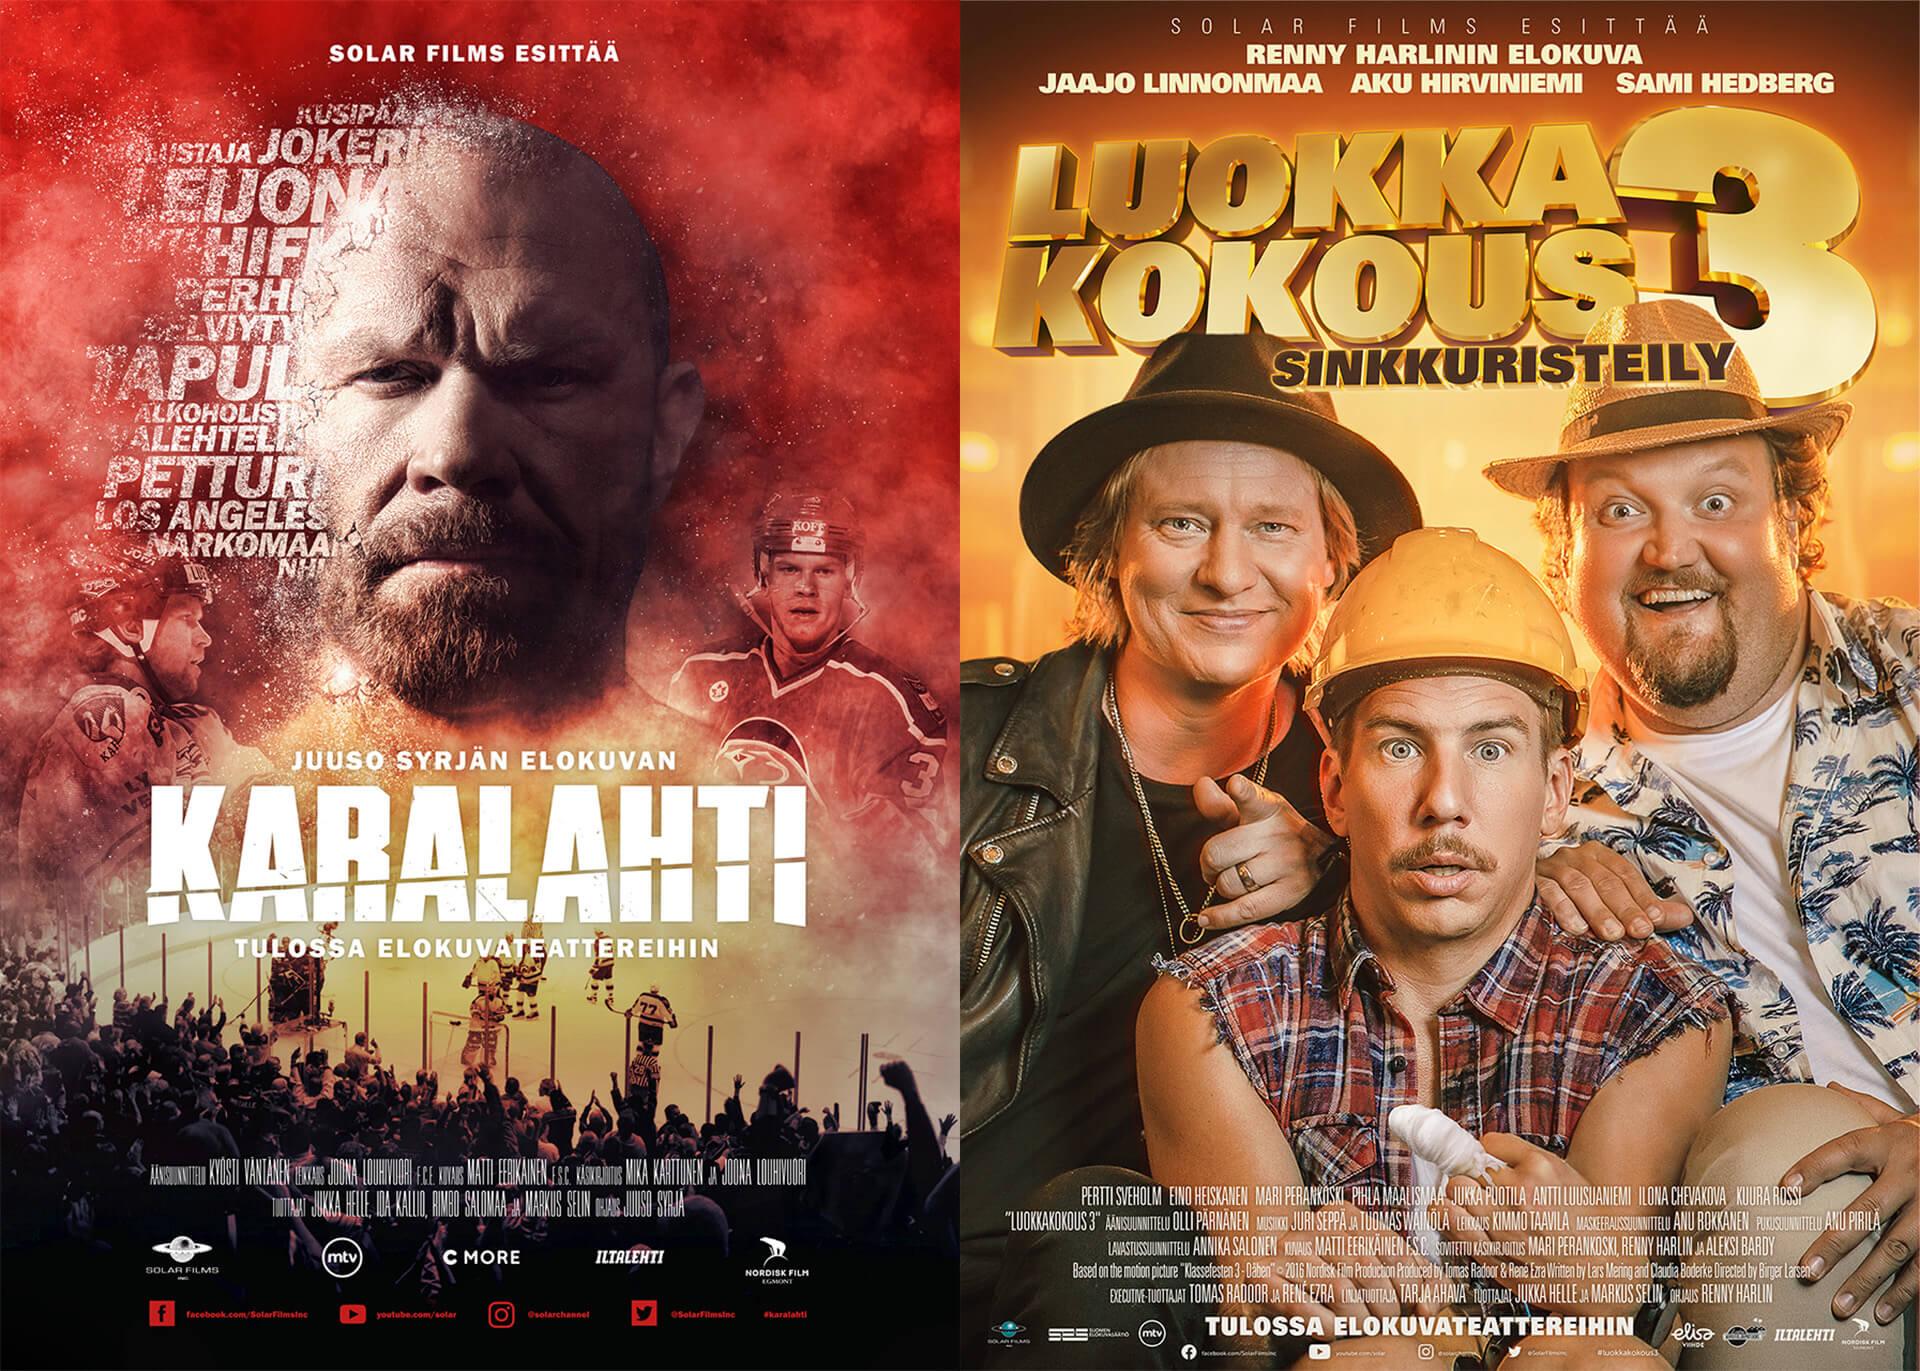 Karalahti- ja Luokkakokous 3 -elokuvien ensi-illat siirtyvät